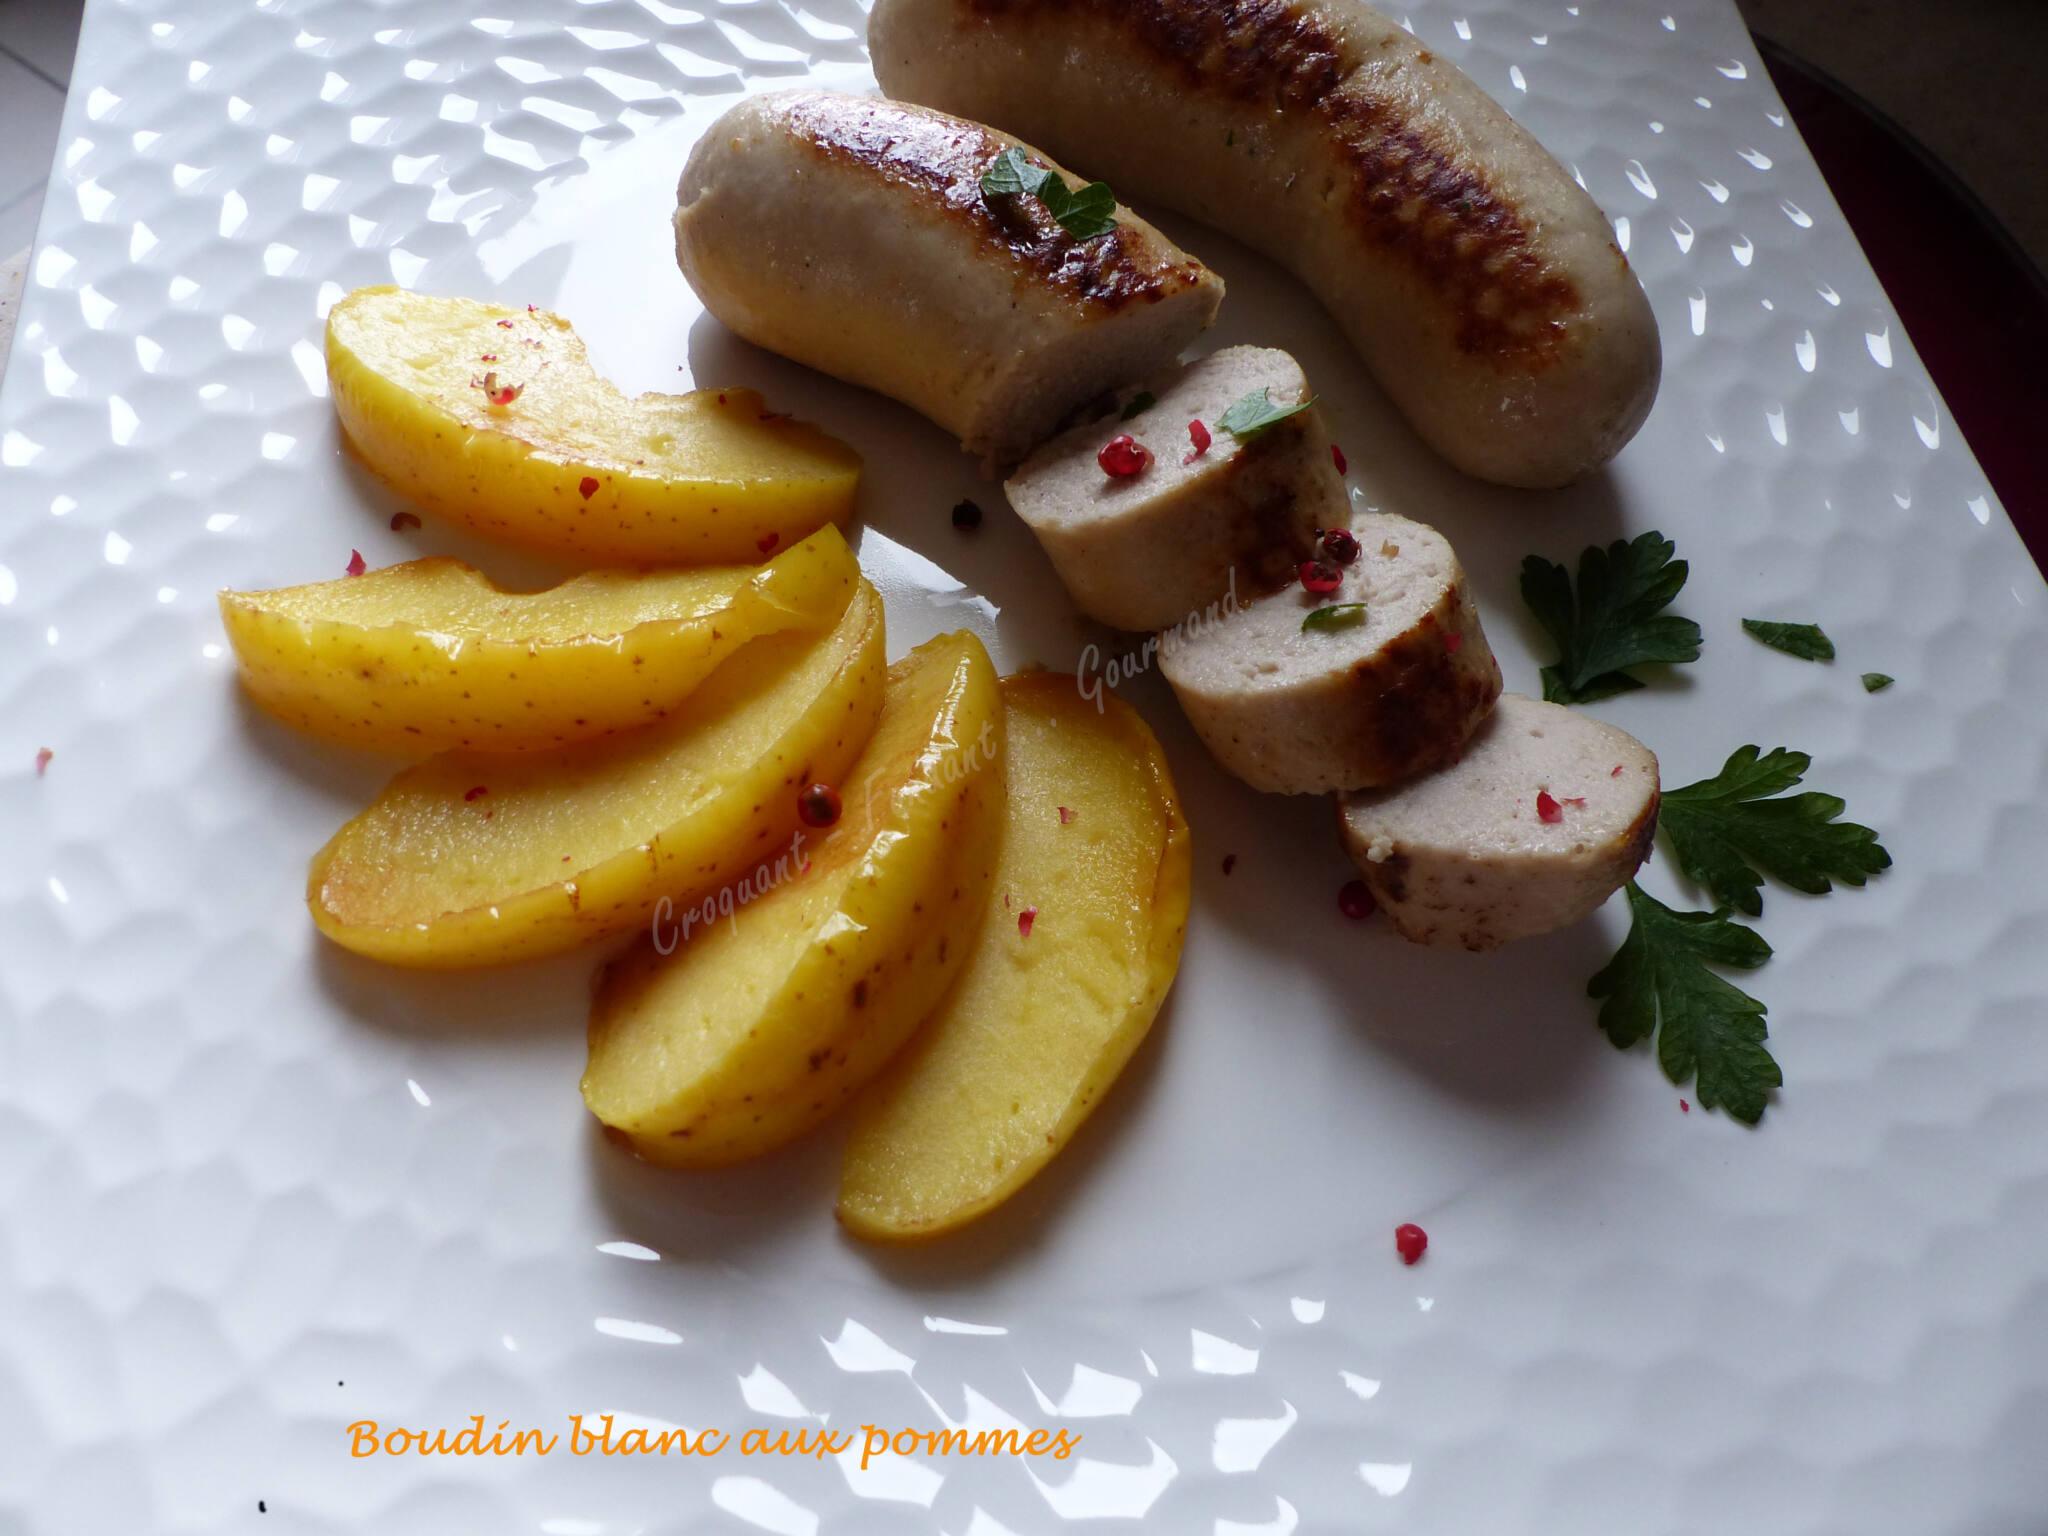 boudin-blanc-aux-pommes-p1000519